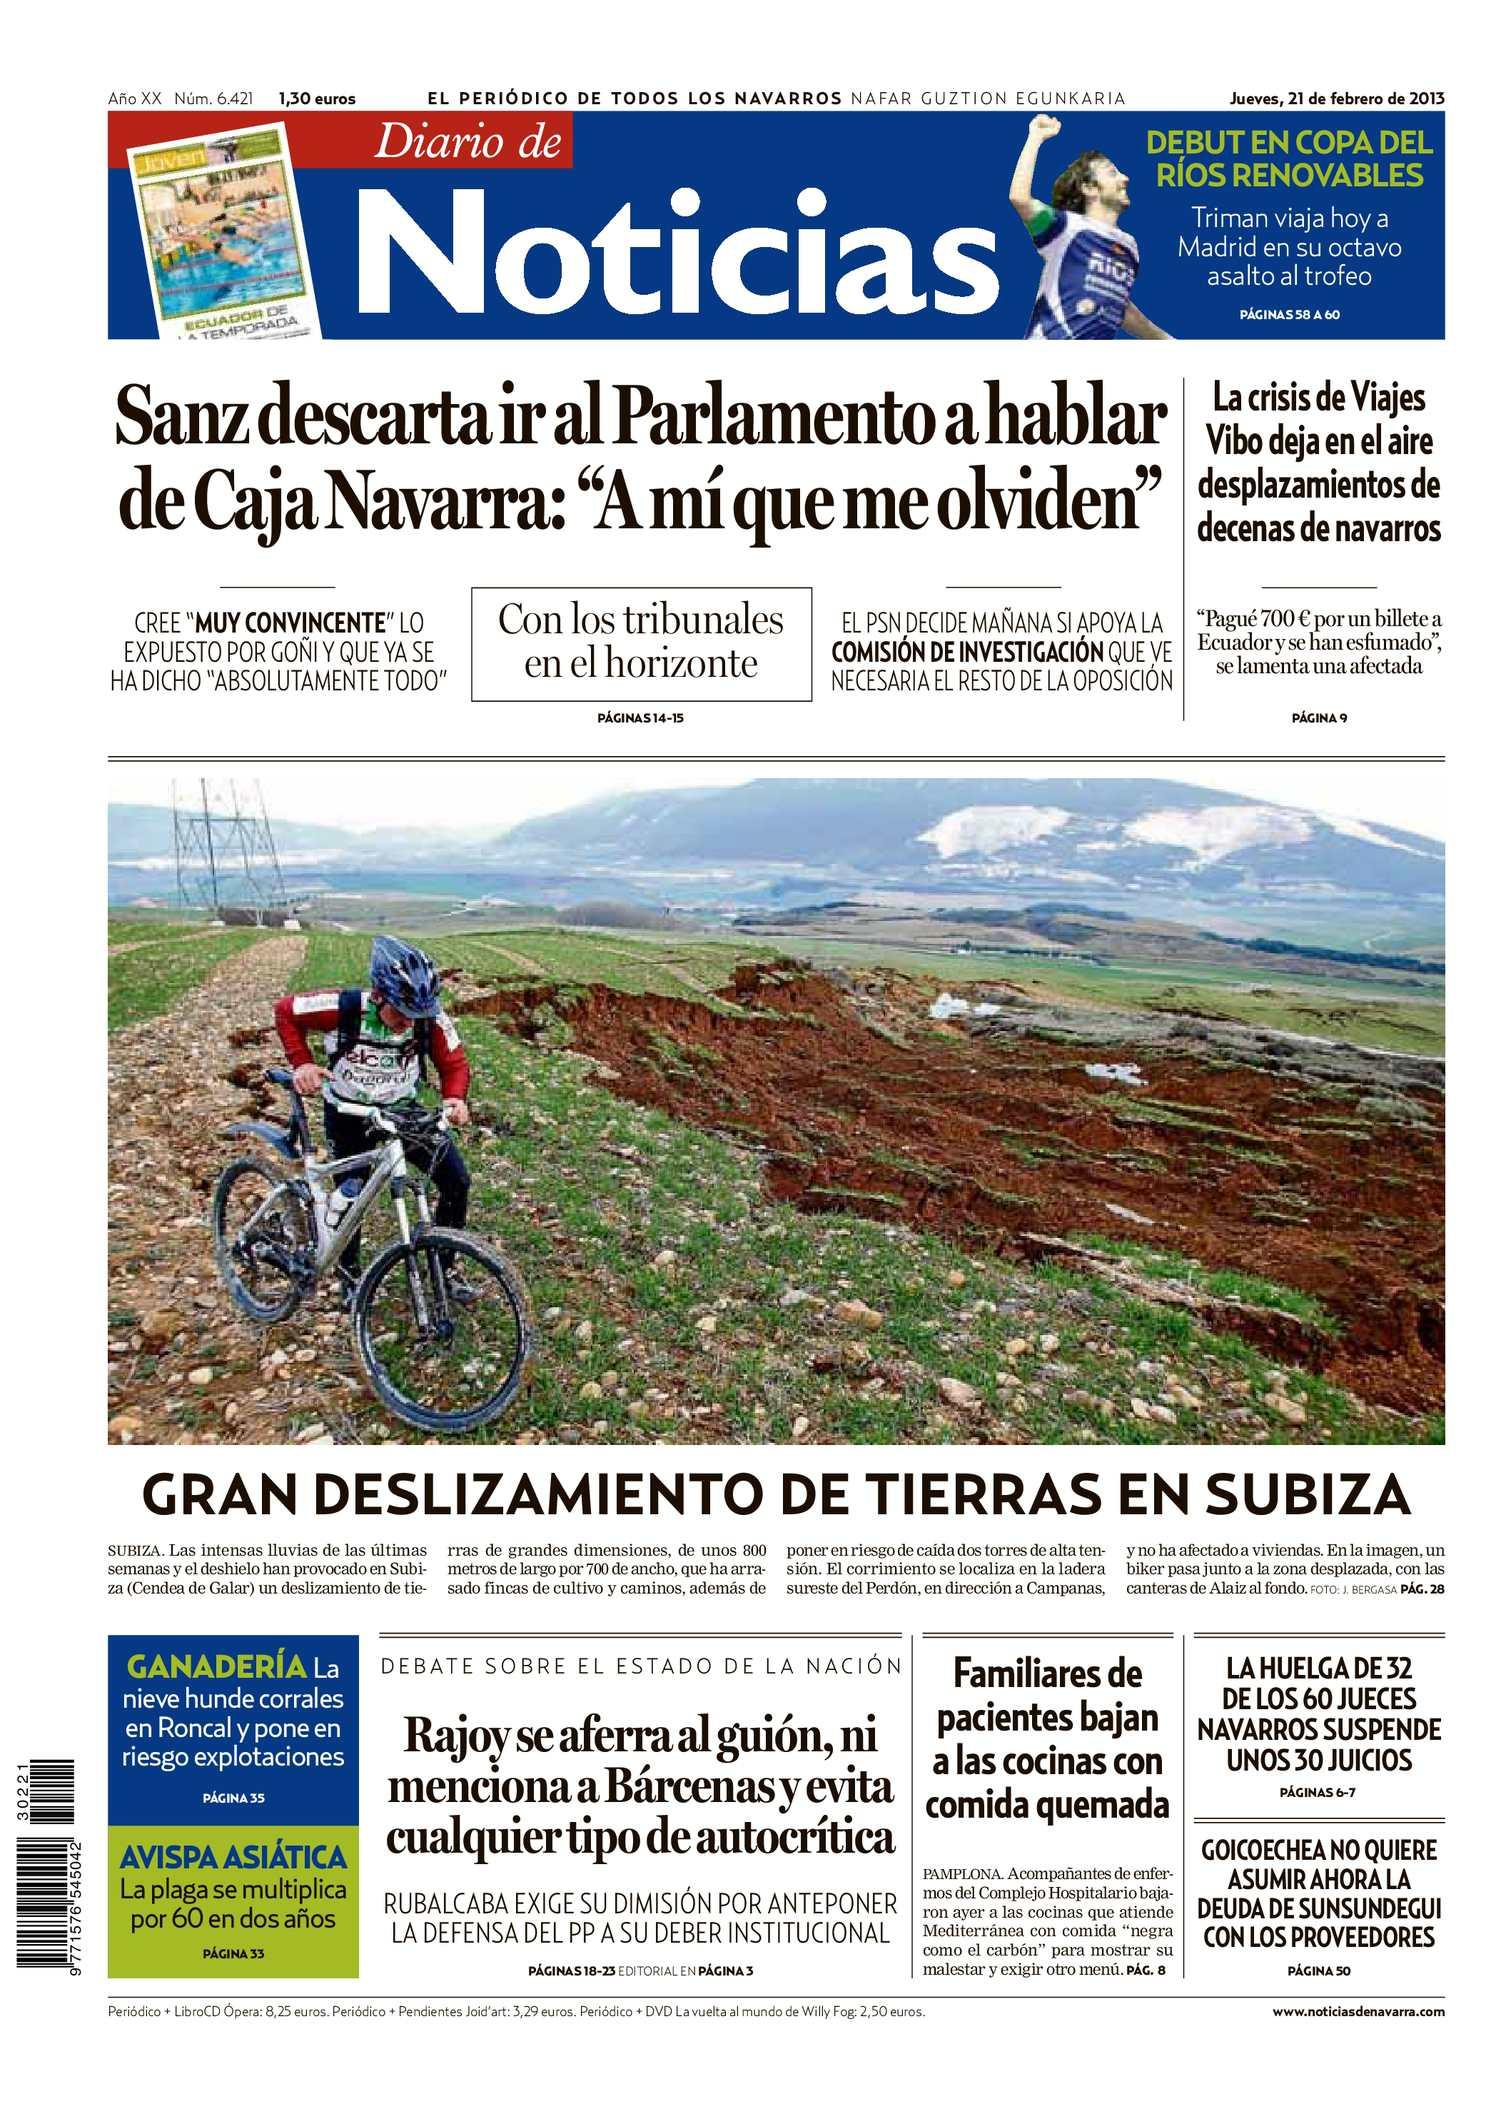 Calaméo 20130221 Calaméo Diario Noticias Diario De SzUVpqM